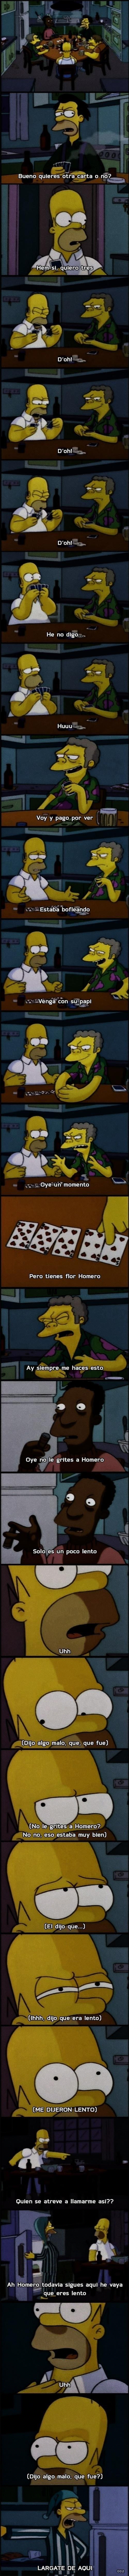 Homero es un loquillo